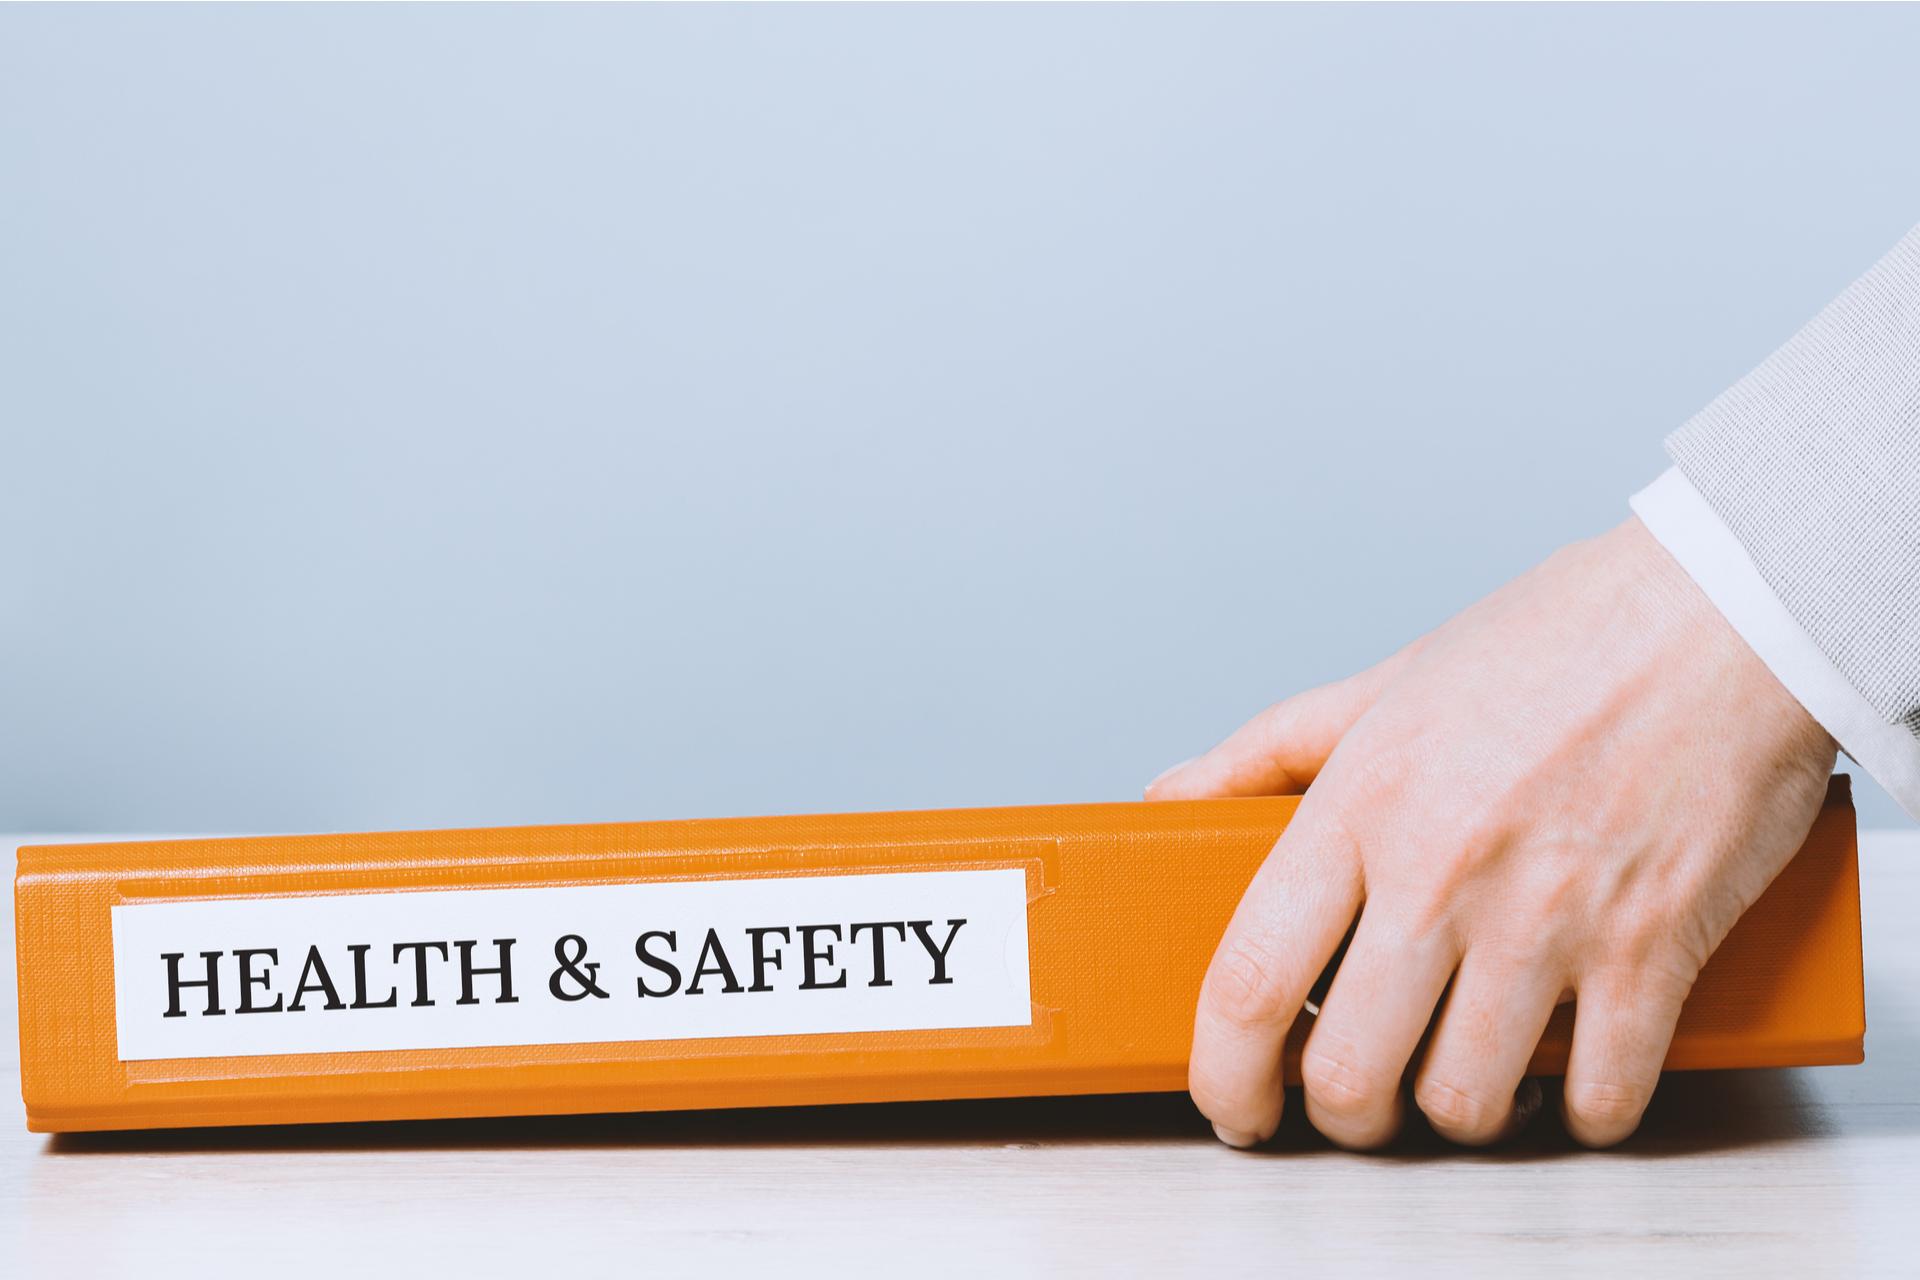 OSHA guidance